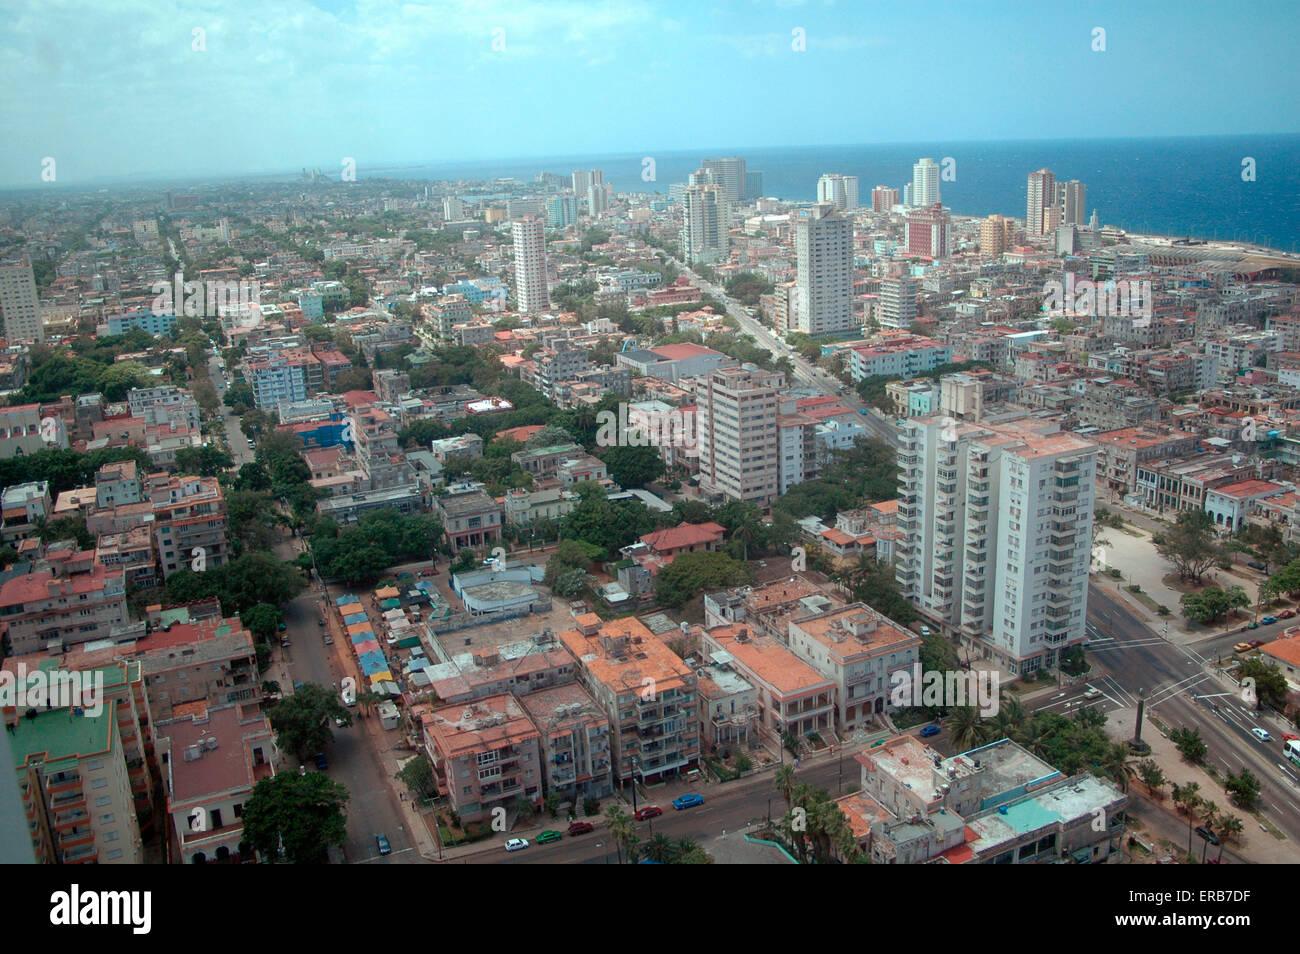 Luftbild: Vedado, Havanna, Kuba. - Stock Image